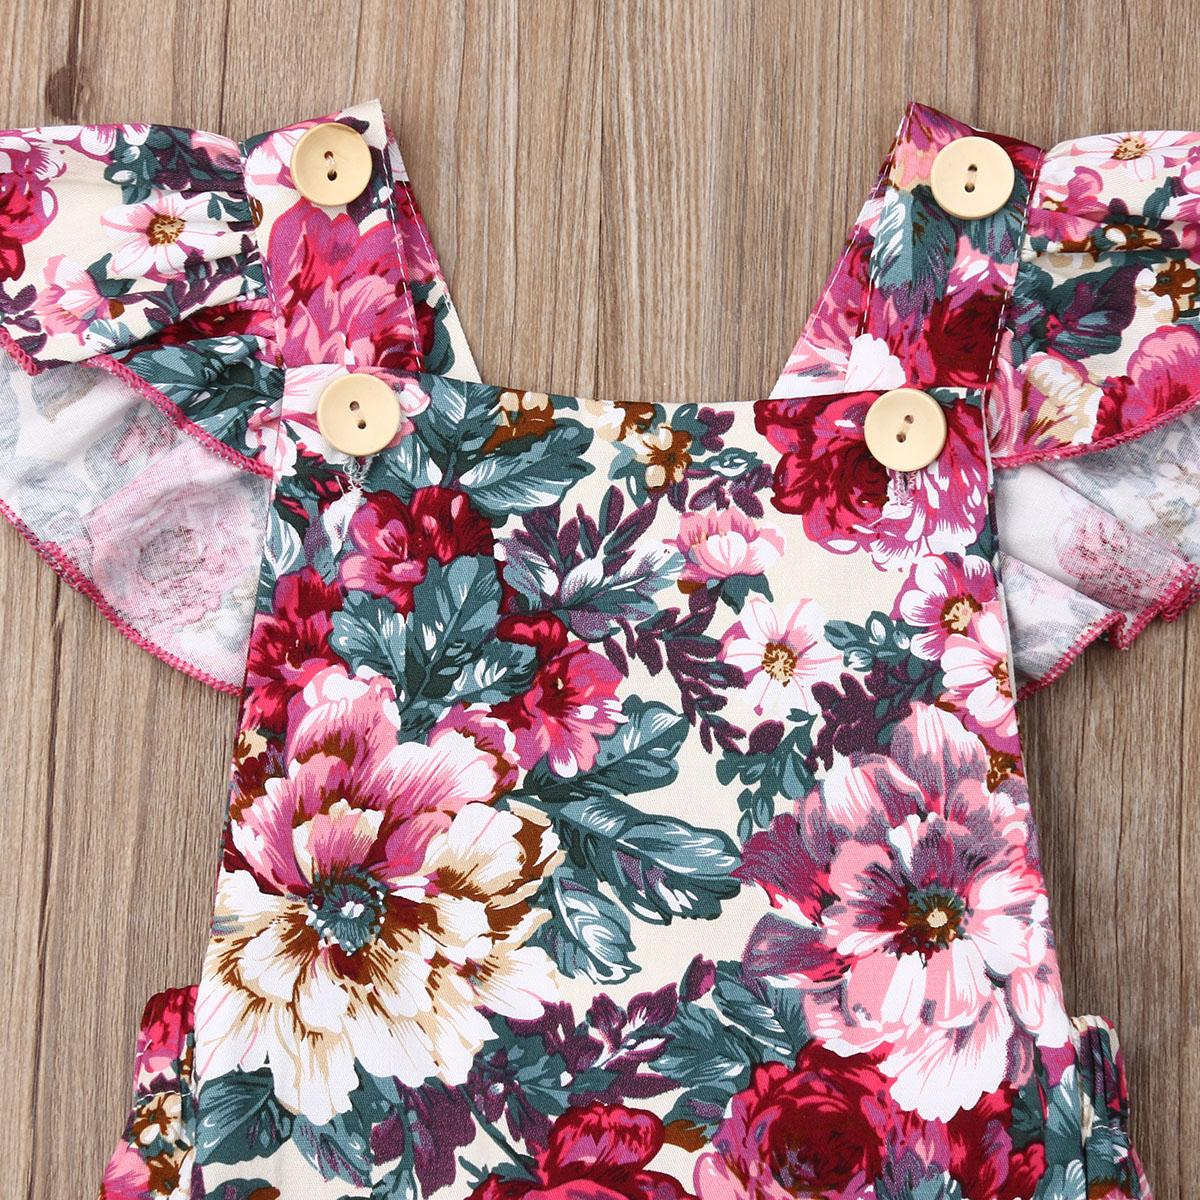 2019 신생아 유아 아이 아기 소녀 바디 수트 Sleevless 옷을 빌려 한 조각 복장 여자 Sunsuit 여름 캐주얼 의류 0-24M